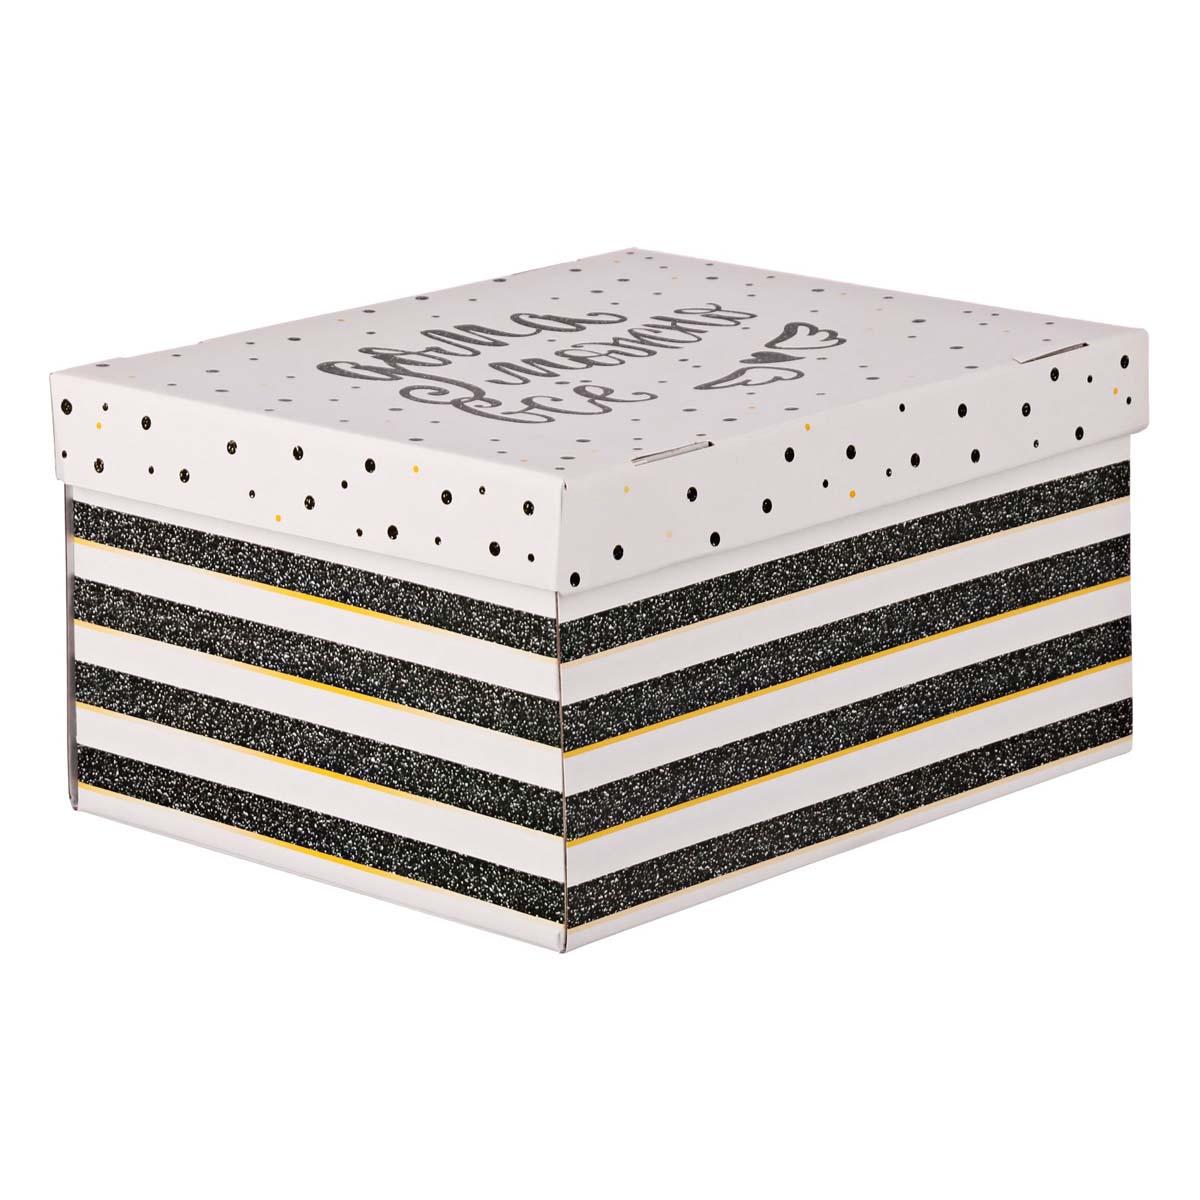 3425497 Складная коробка «Дома можно все», 31,2*25,6*16,1 см